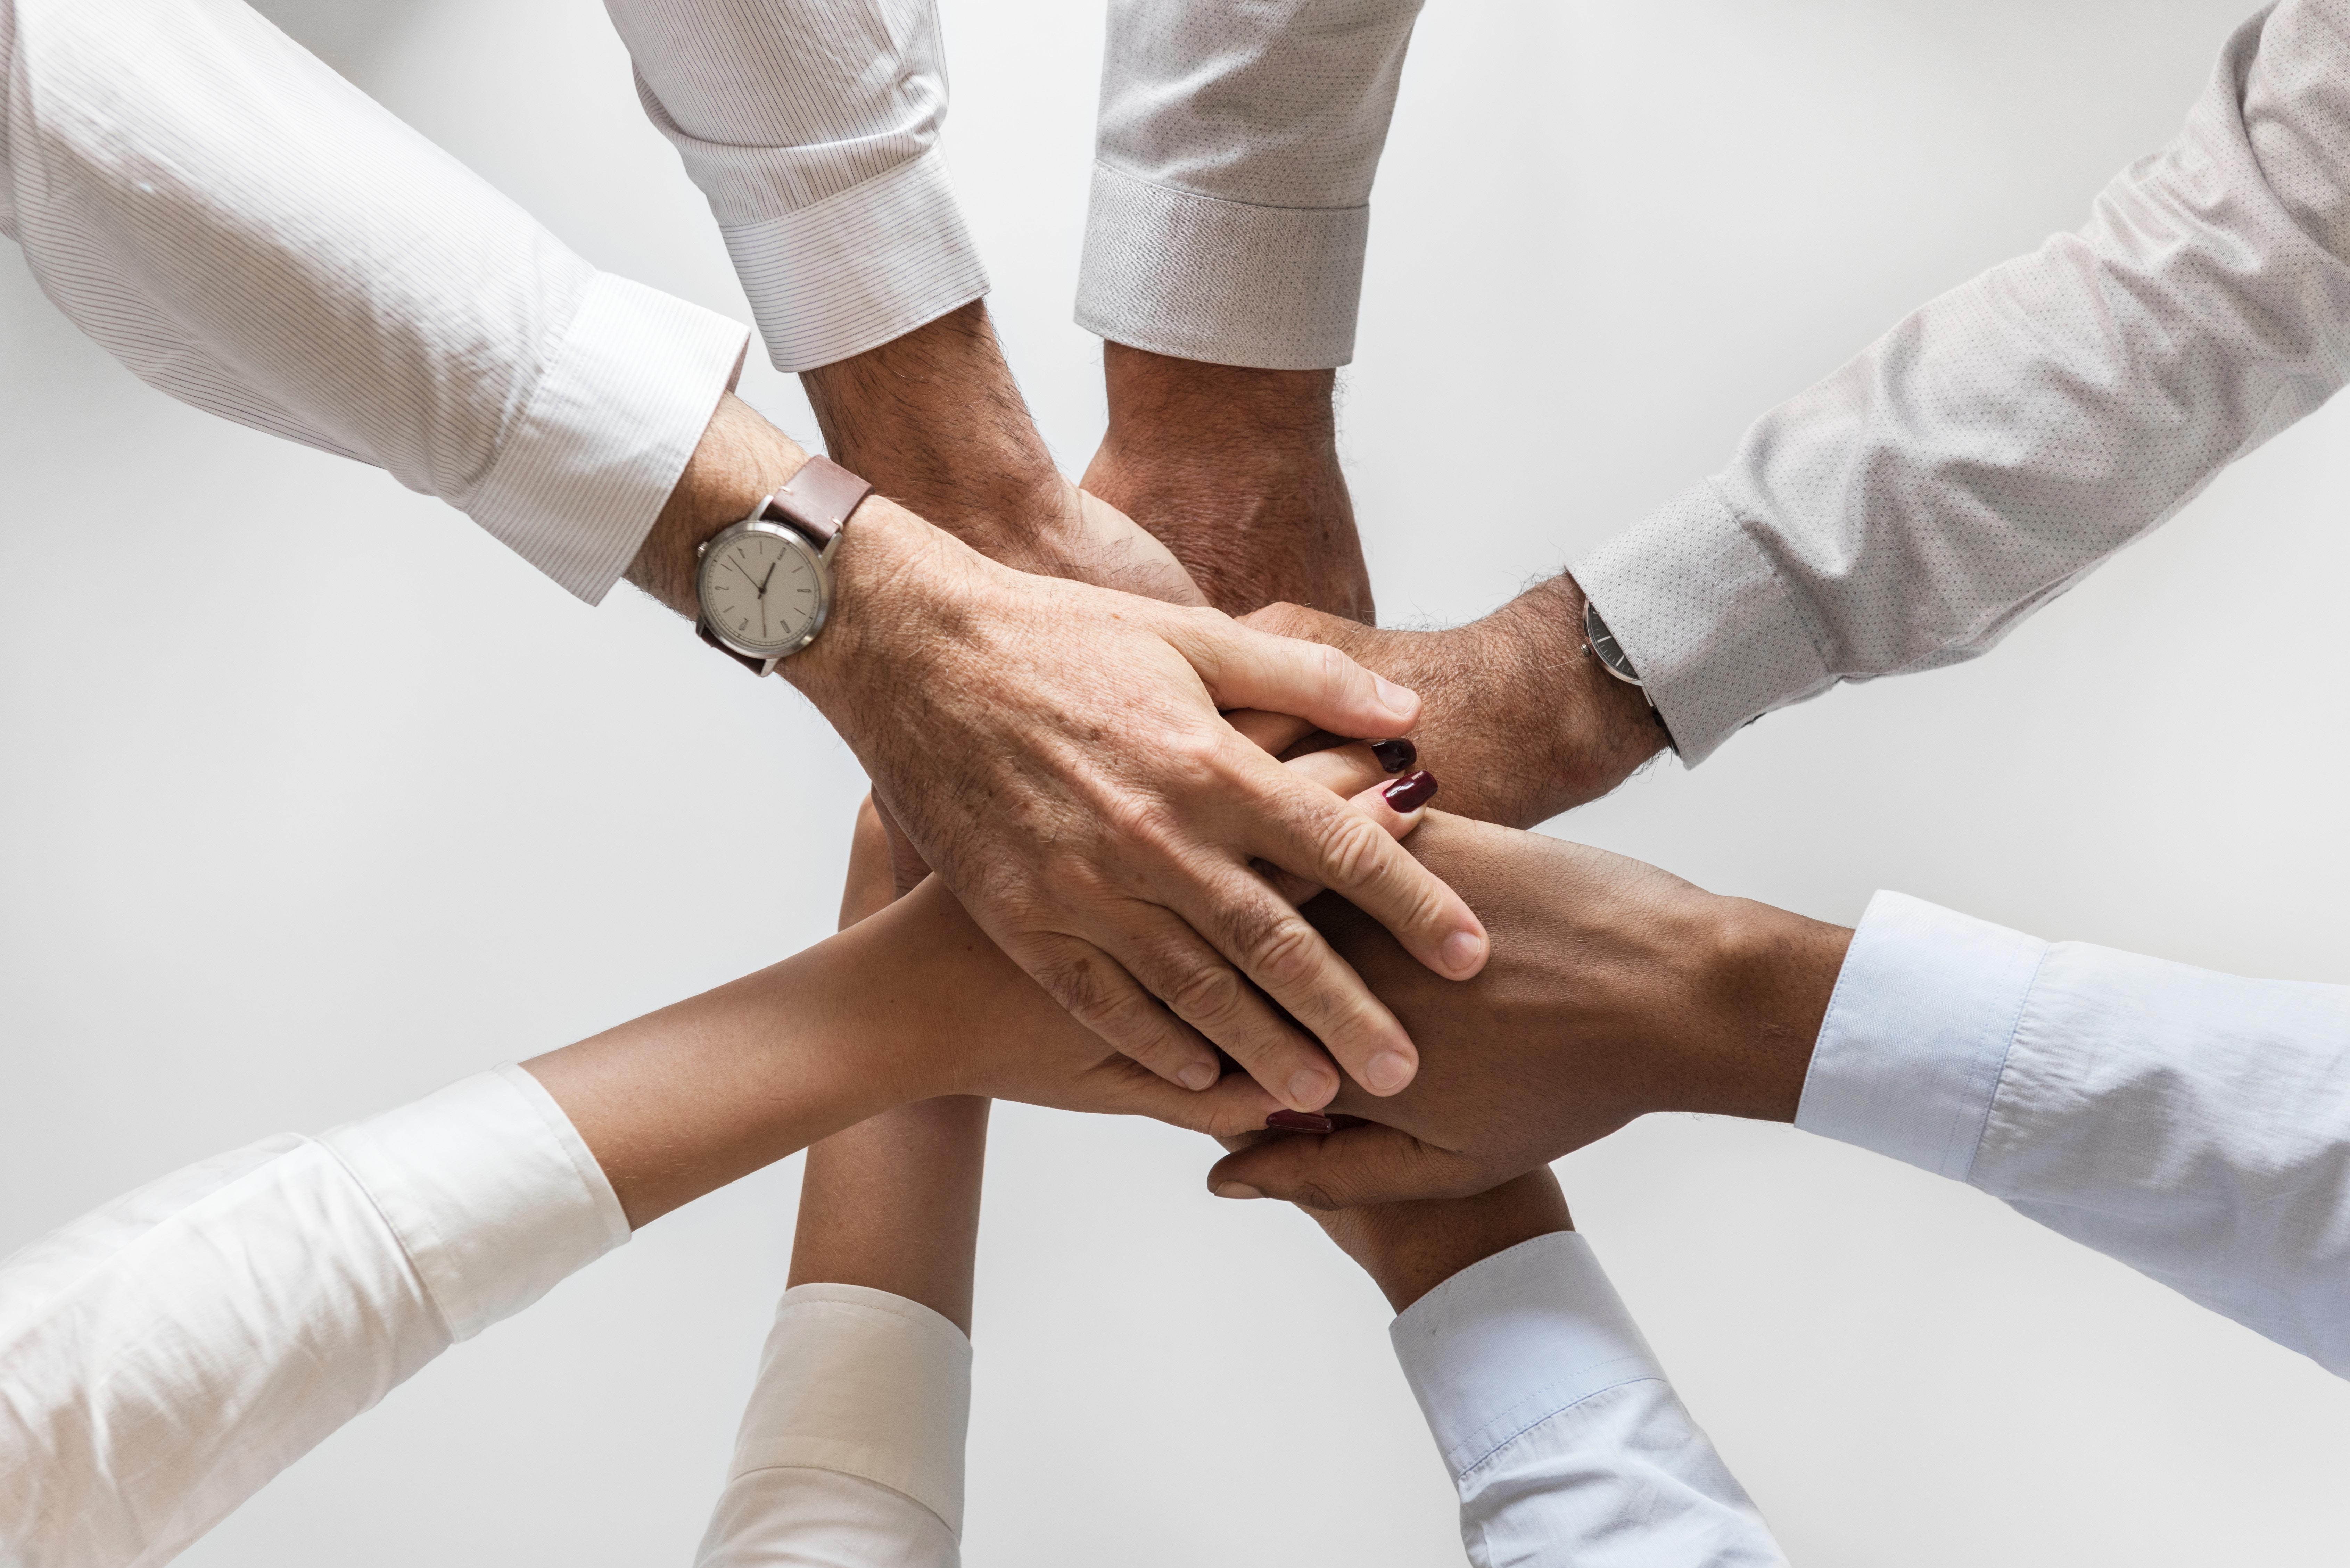 ¿En qué consiste el Crowdfunding? - Finutive